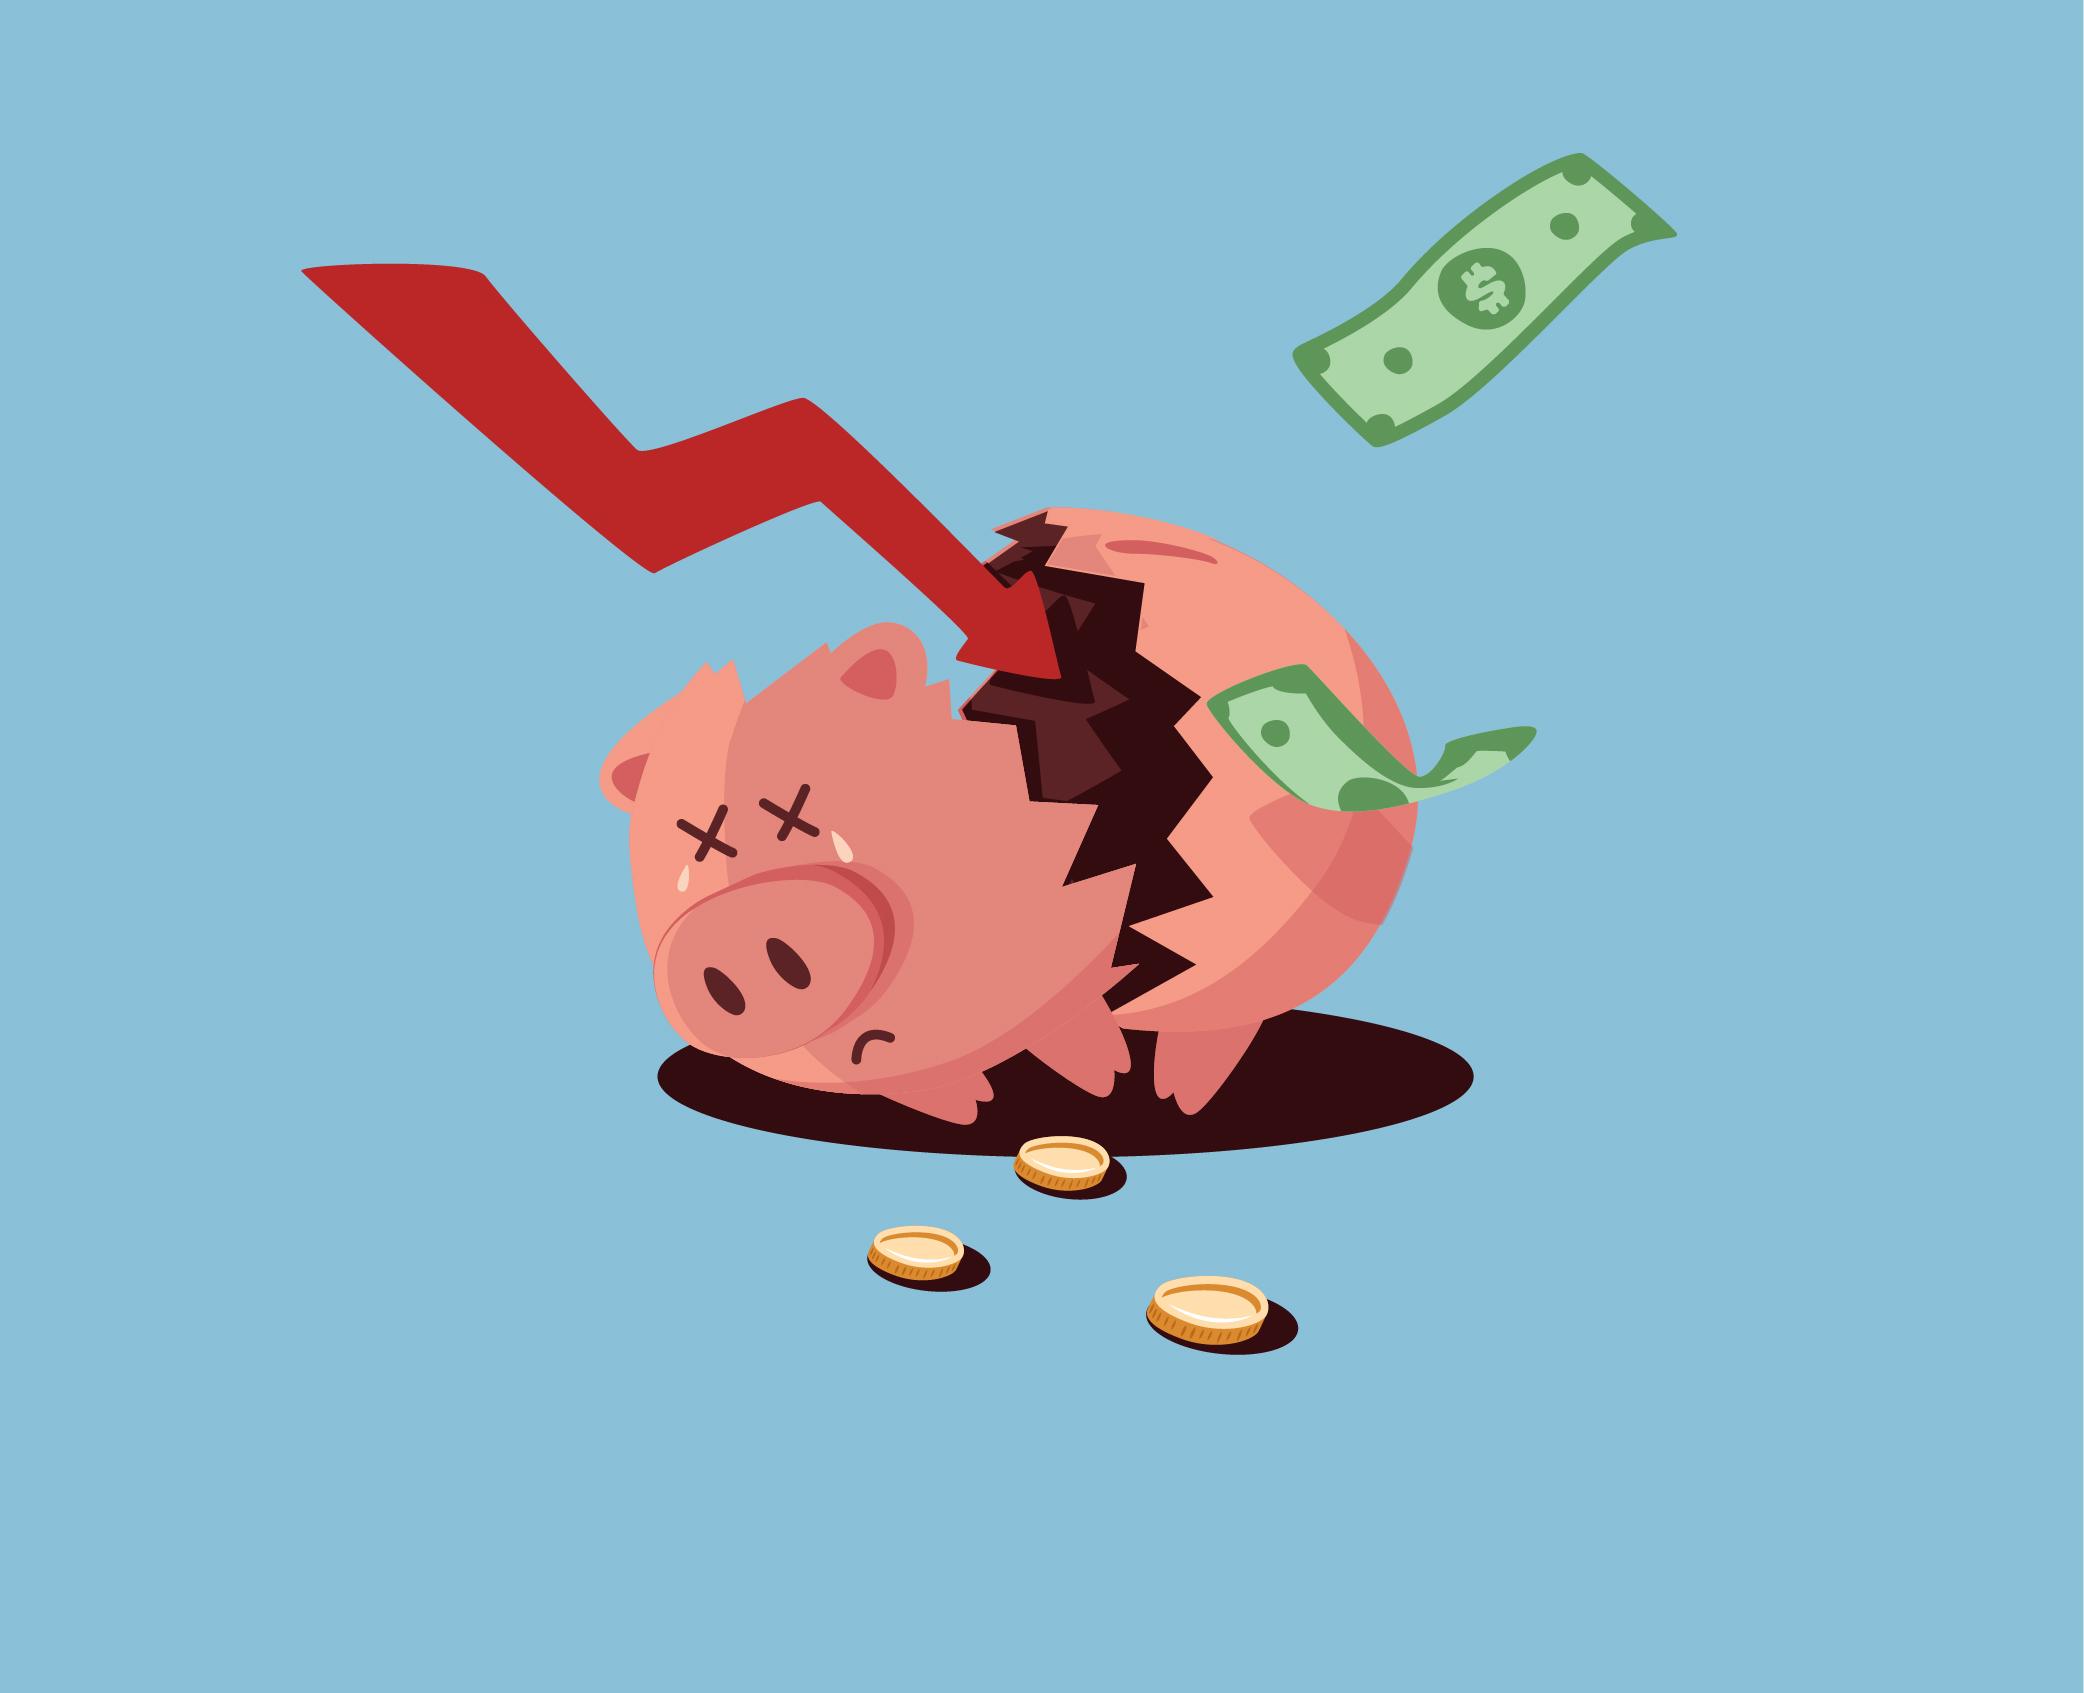 finanzas, legal, sat, finanzas personales, dinero, deuda, gasto, adeudo, fiscal, pago, economía, deuda fiscal, herencia, testamento, seguro de vida